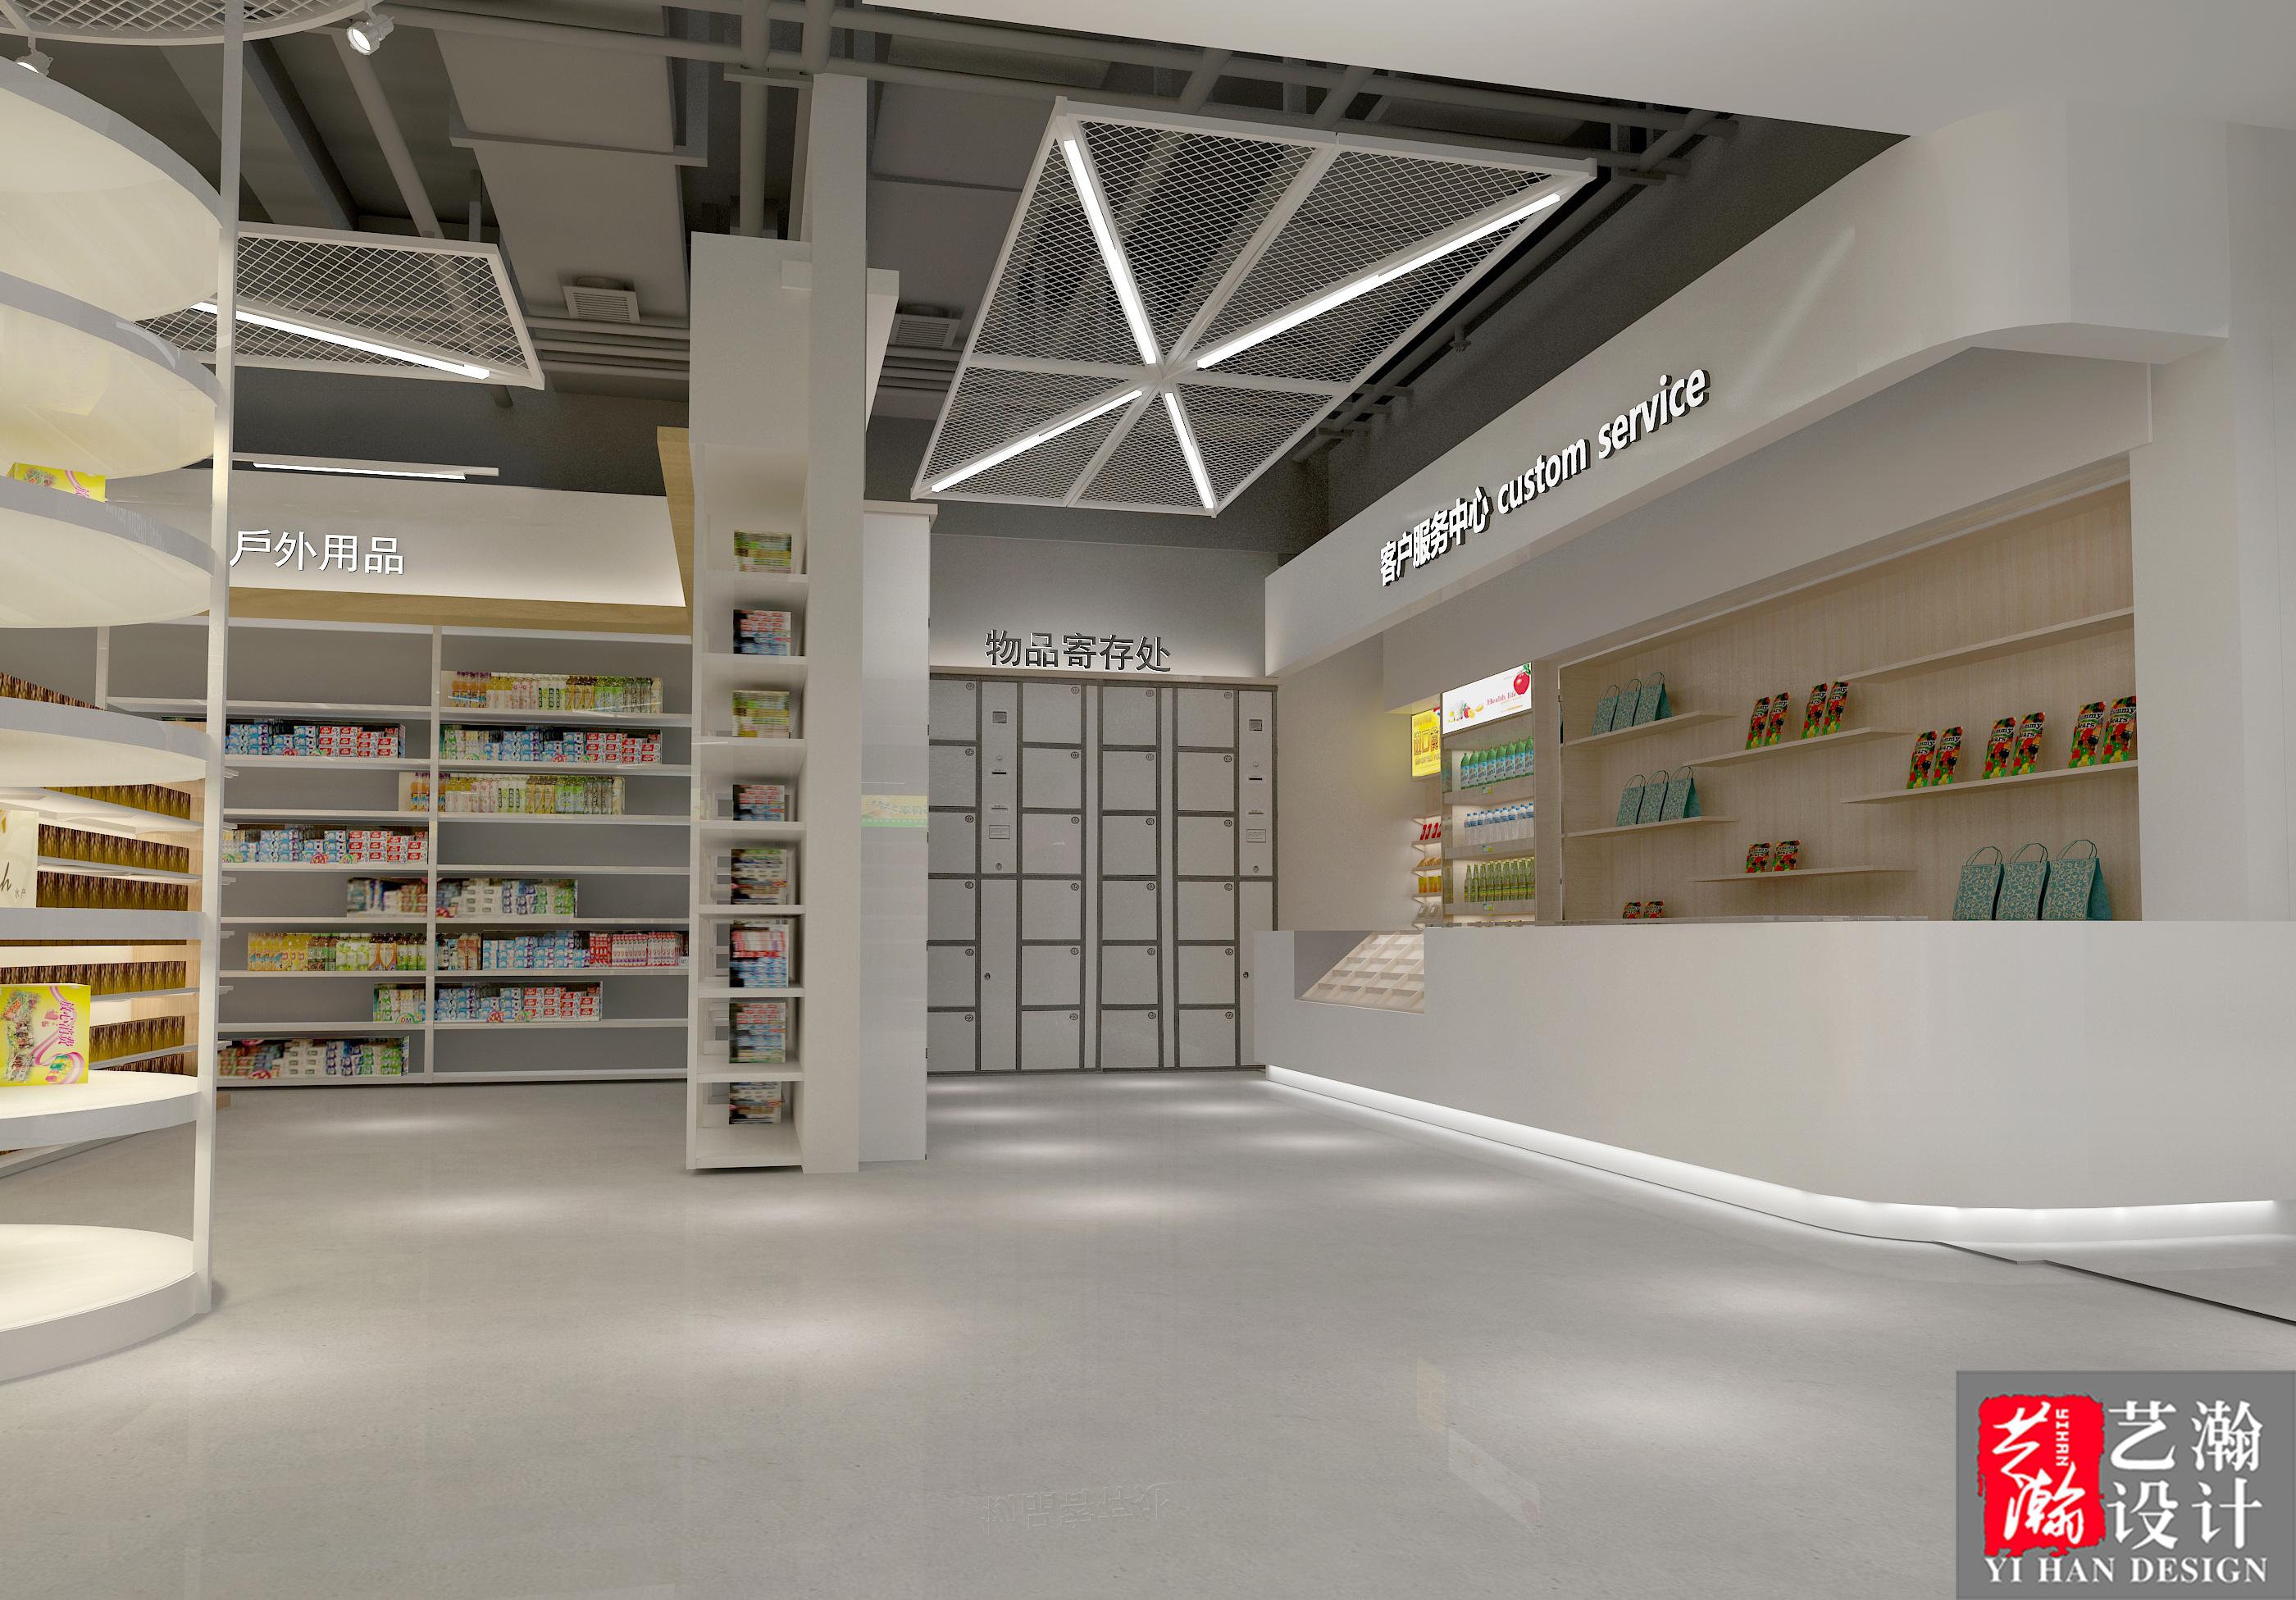 商場/百貨超市效果圖設計裝修設計 購物中心設計 專賣